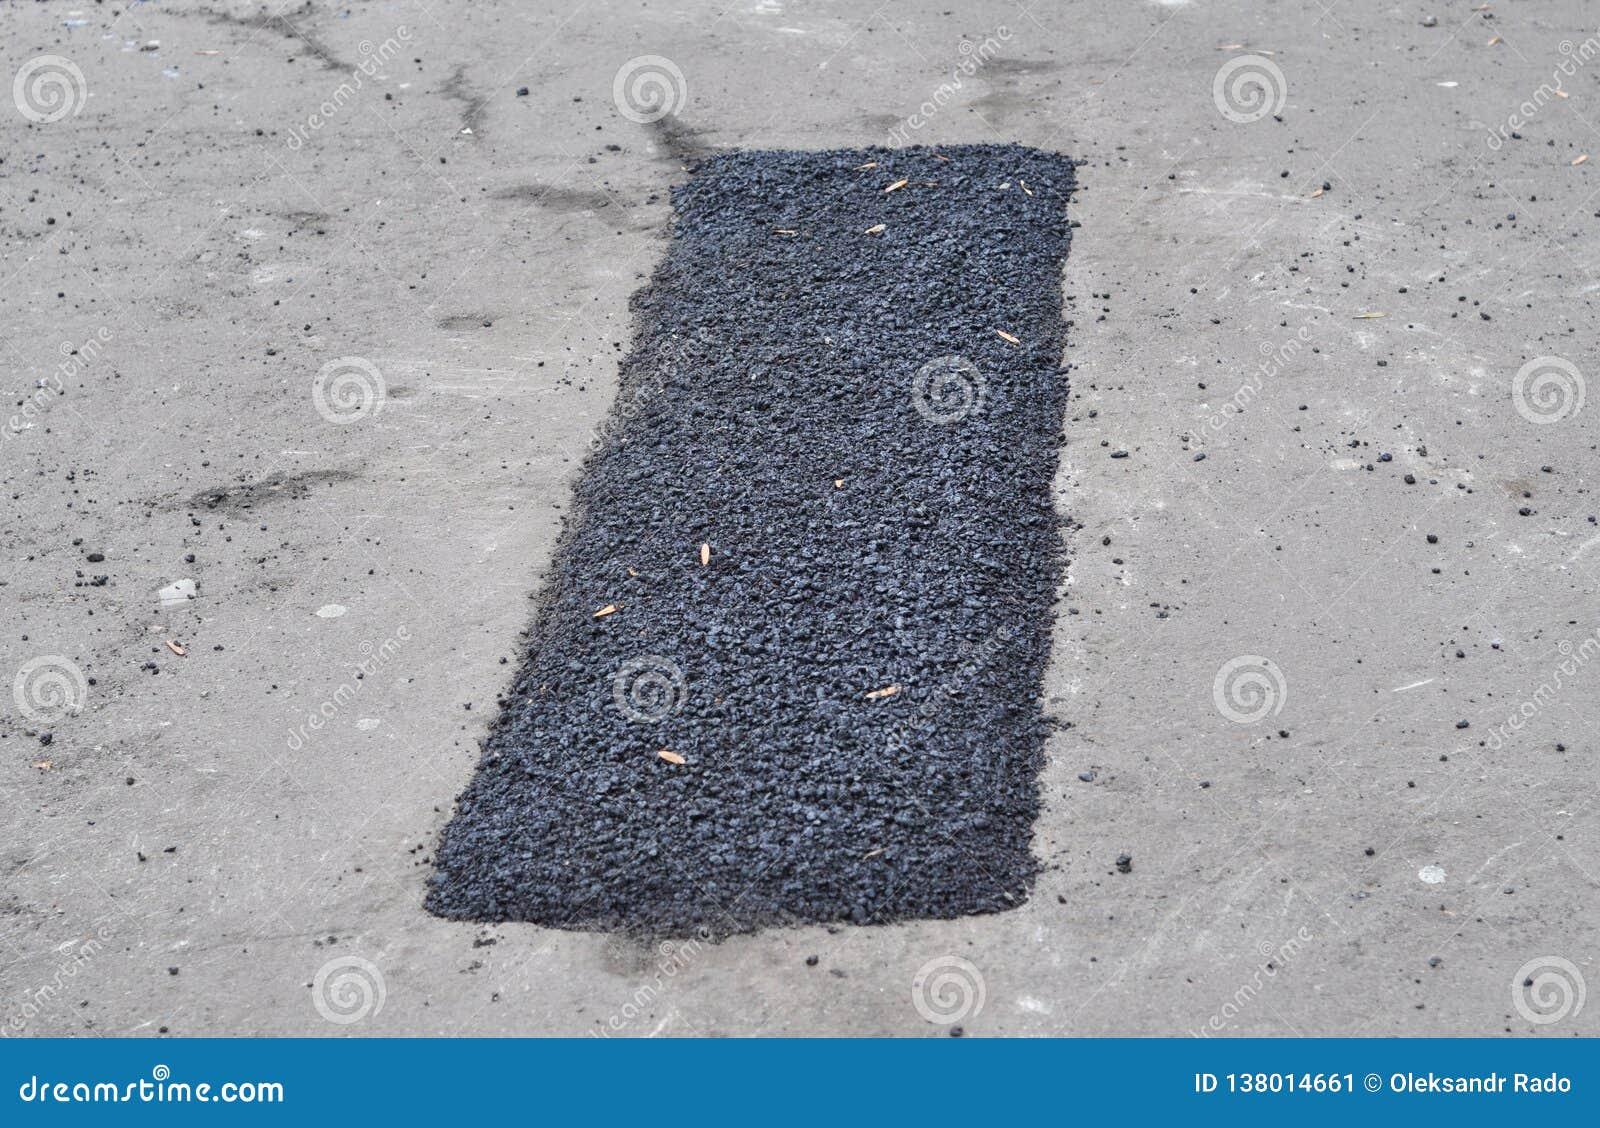 Réparez le trottoir et étendre la méthode de raccordement de nouvel asphalte dehors En construction